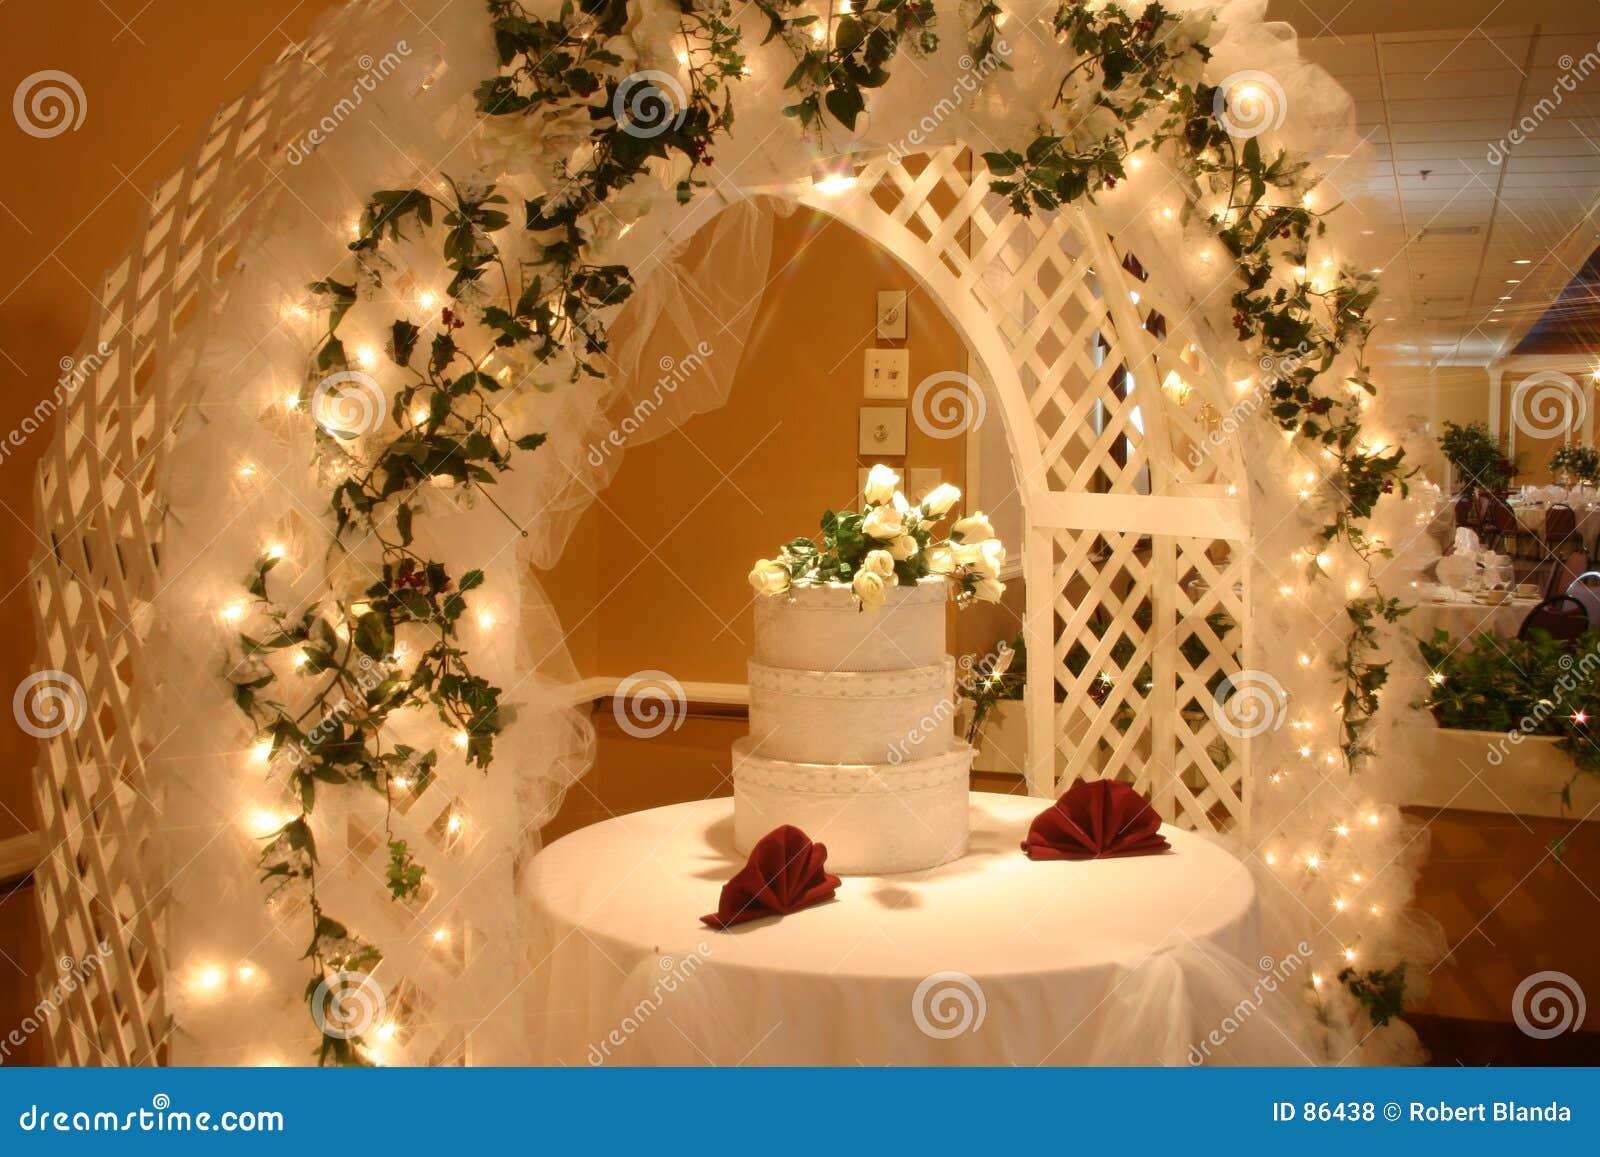 Gâteau De Mariage Avec Des Fleurs Photos libres de droits - Image ...